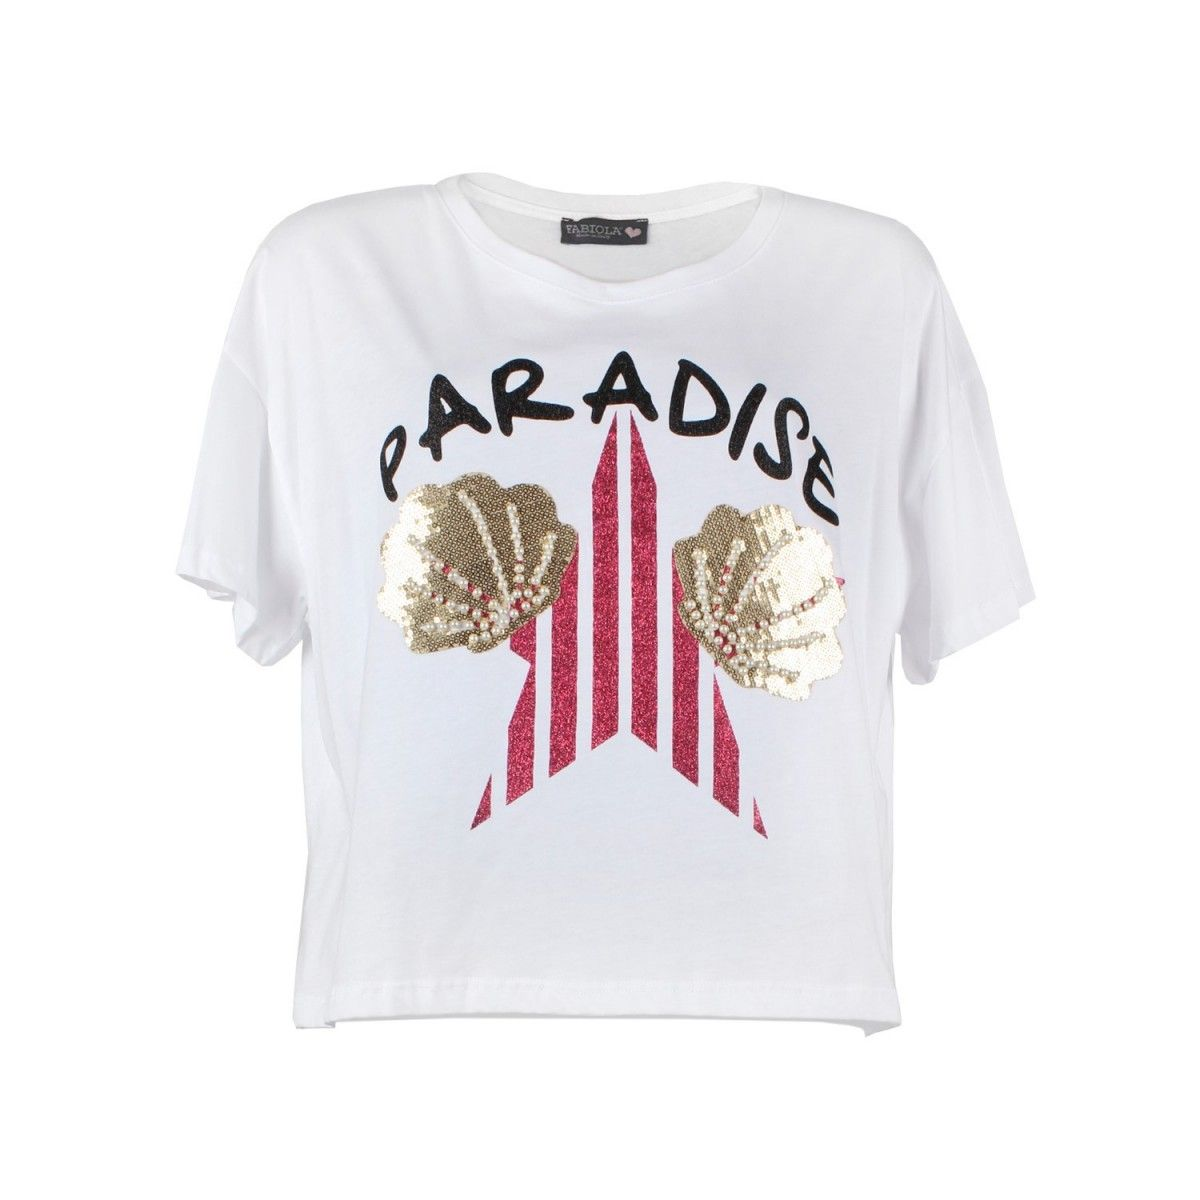 Fabiola T-shirt Bianco  SONG